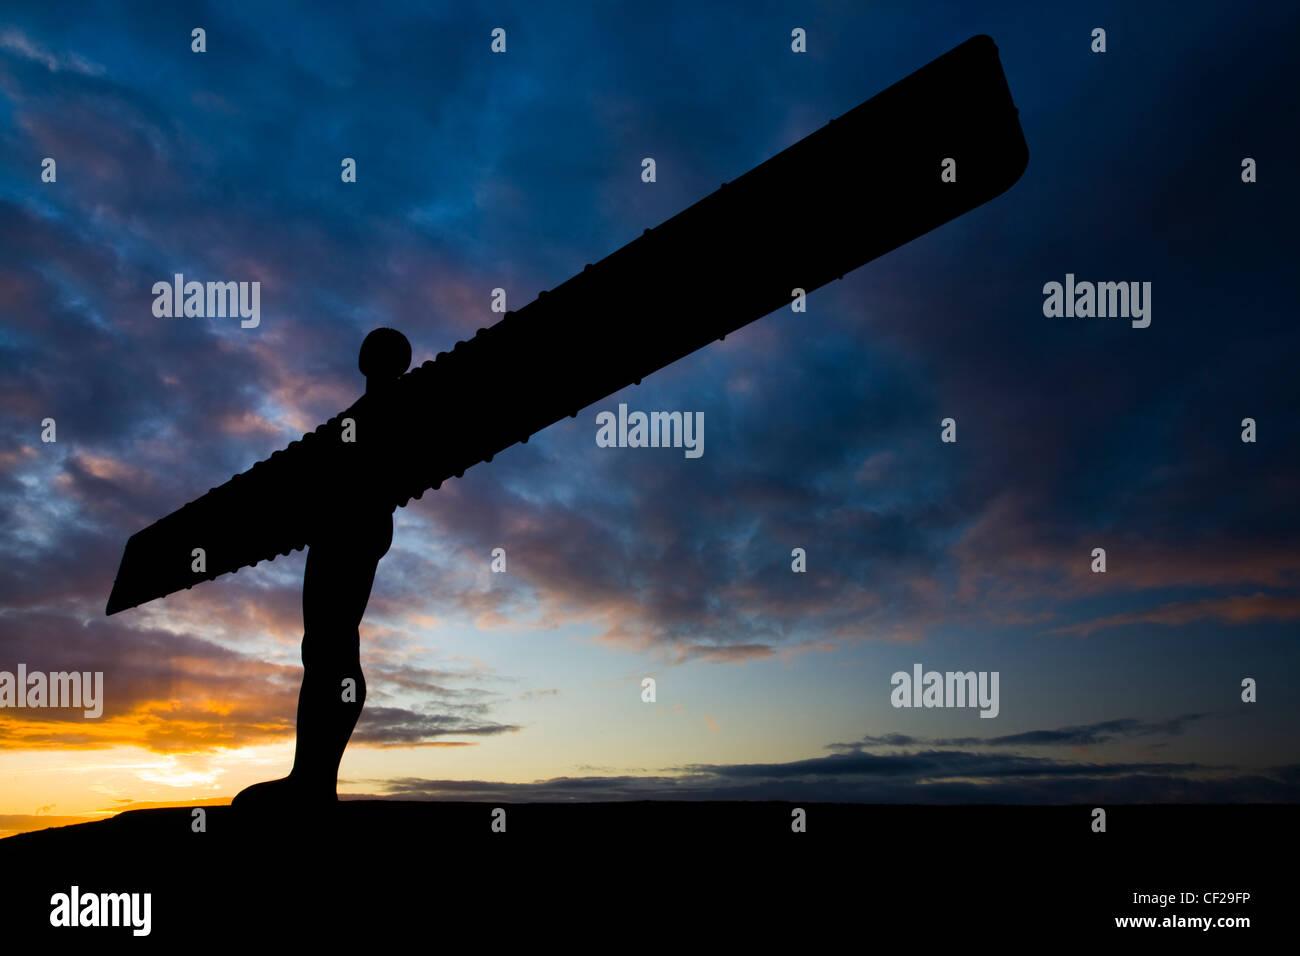 El icónico Ángel del Norte Estatua siluetas contra un cielo atmosférico. El 'Angel', construido Imagen De Stock